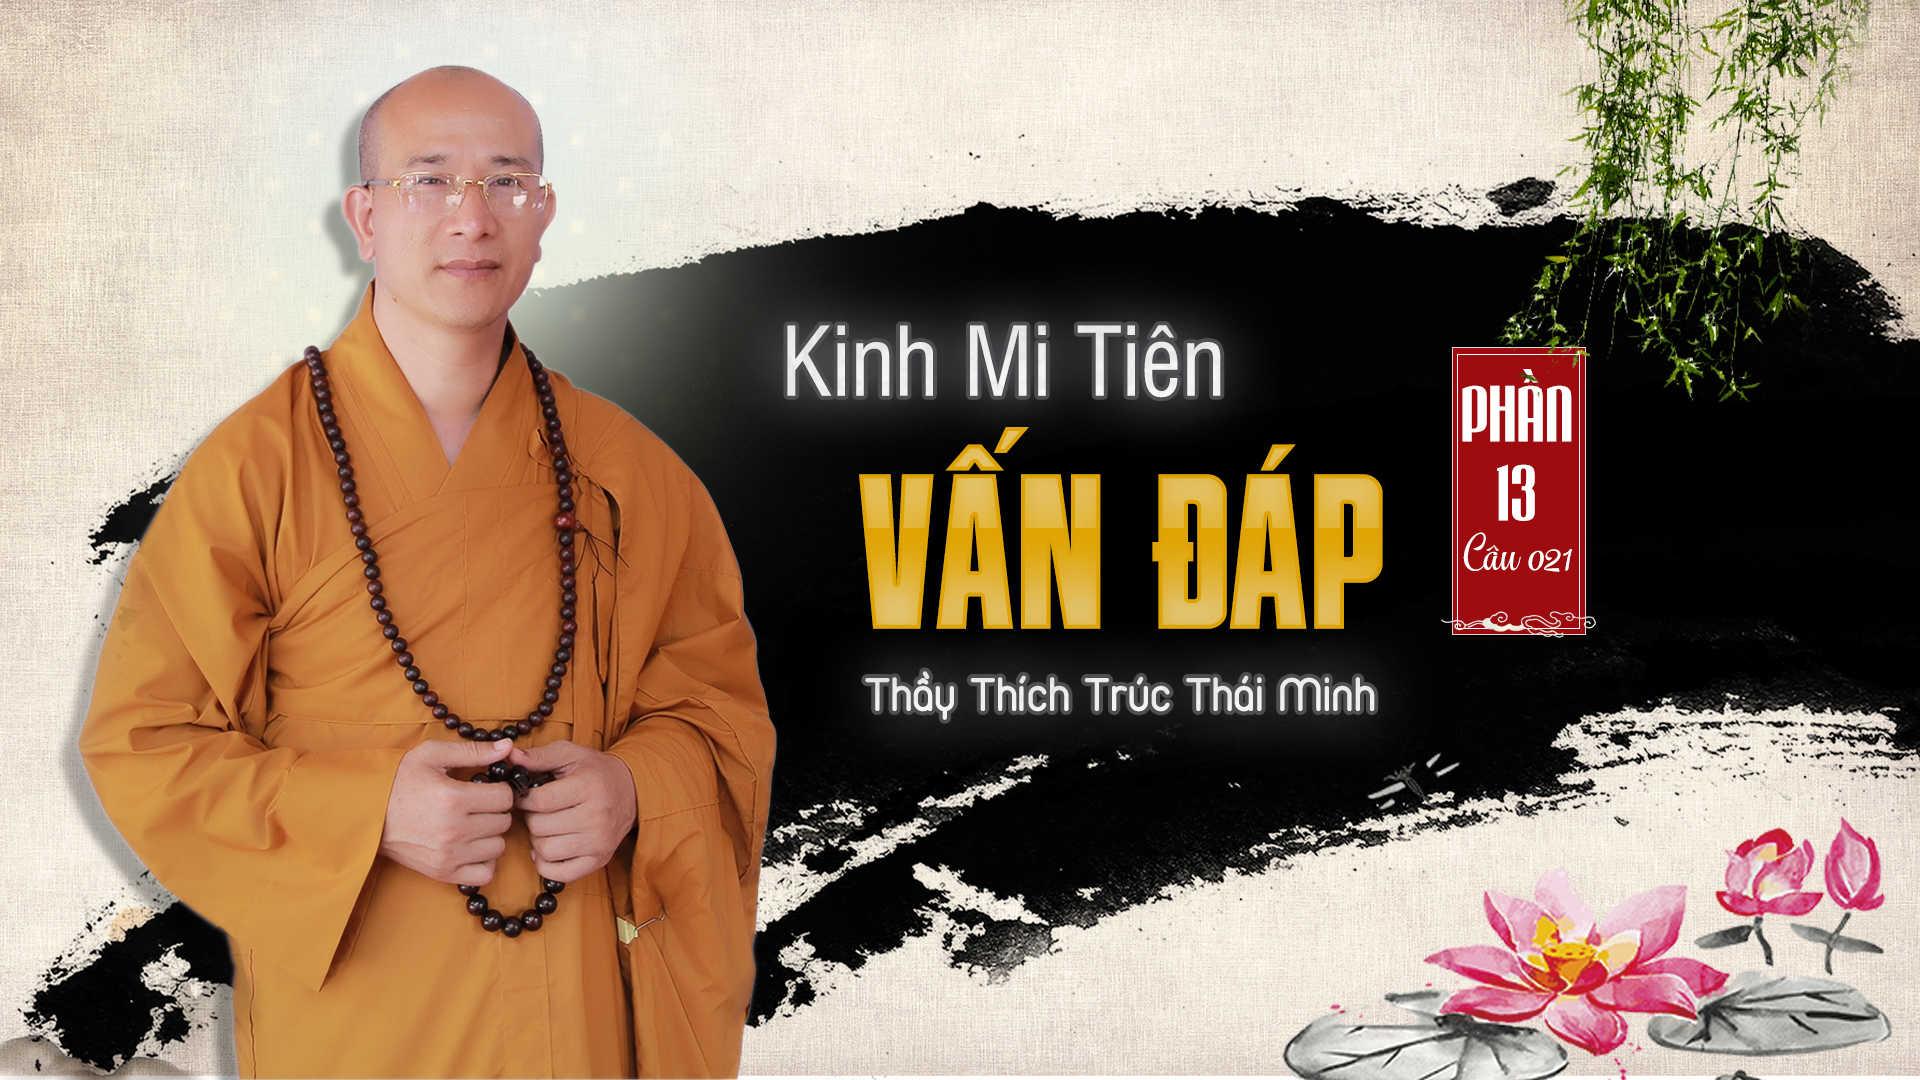 Kinh mi tiên vấn đáp phần 13 Thầy Thích Trúc Thái Minh chùa Ba Vàng.